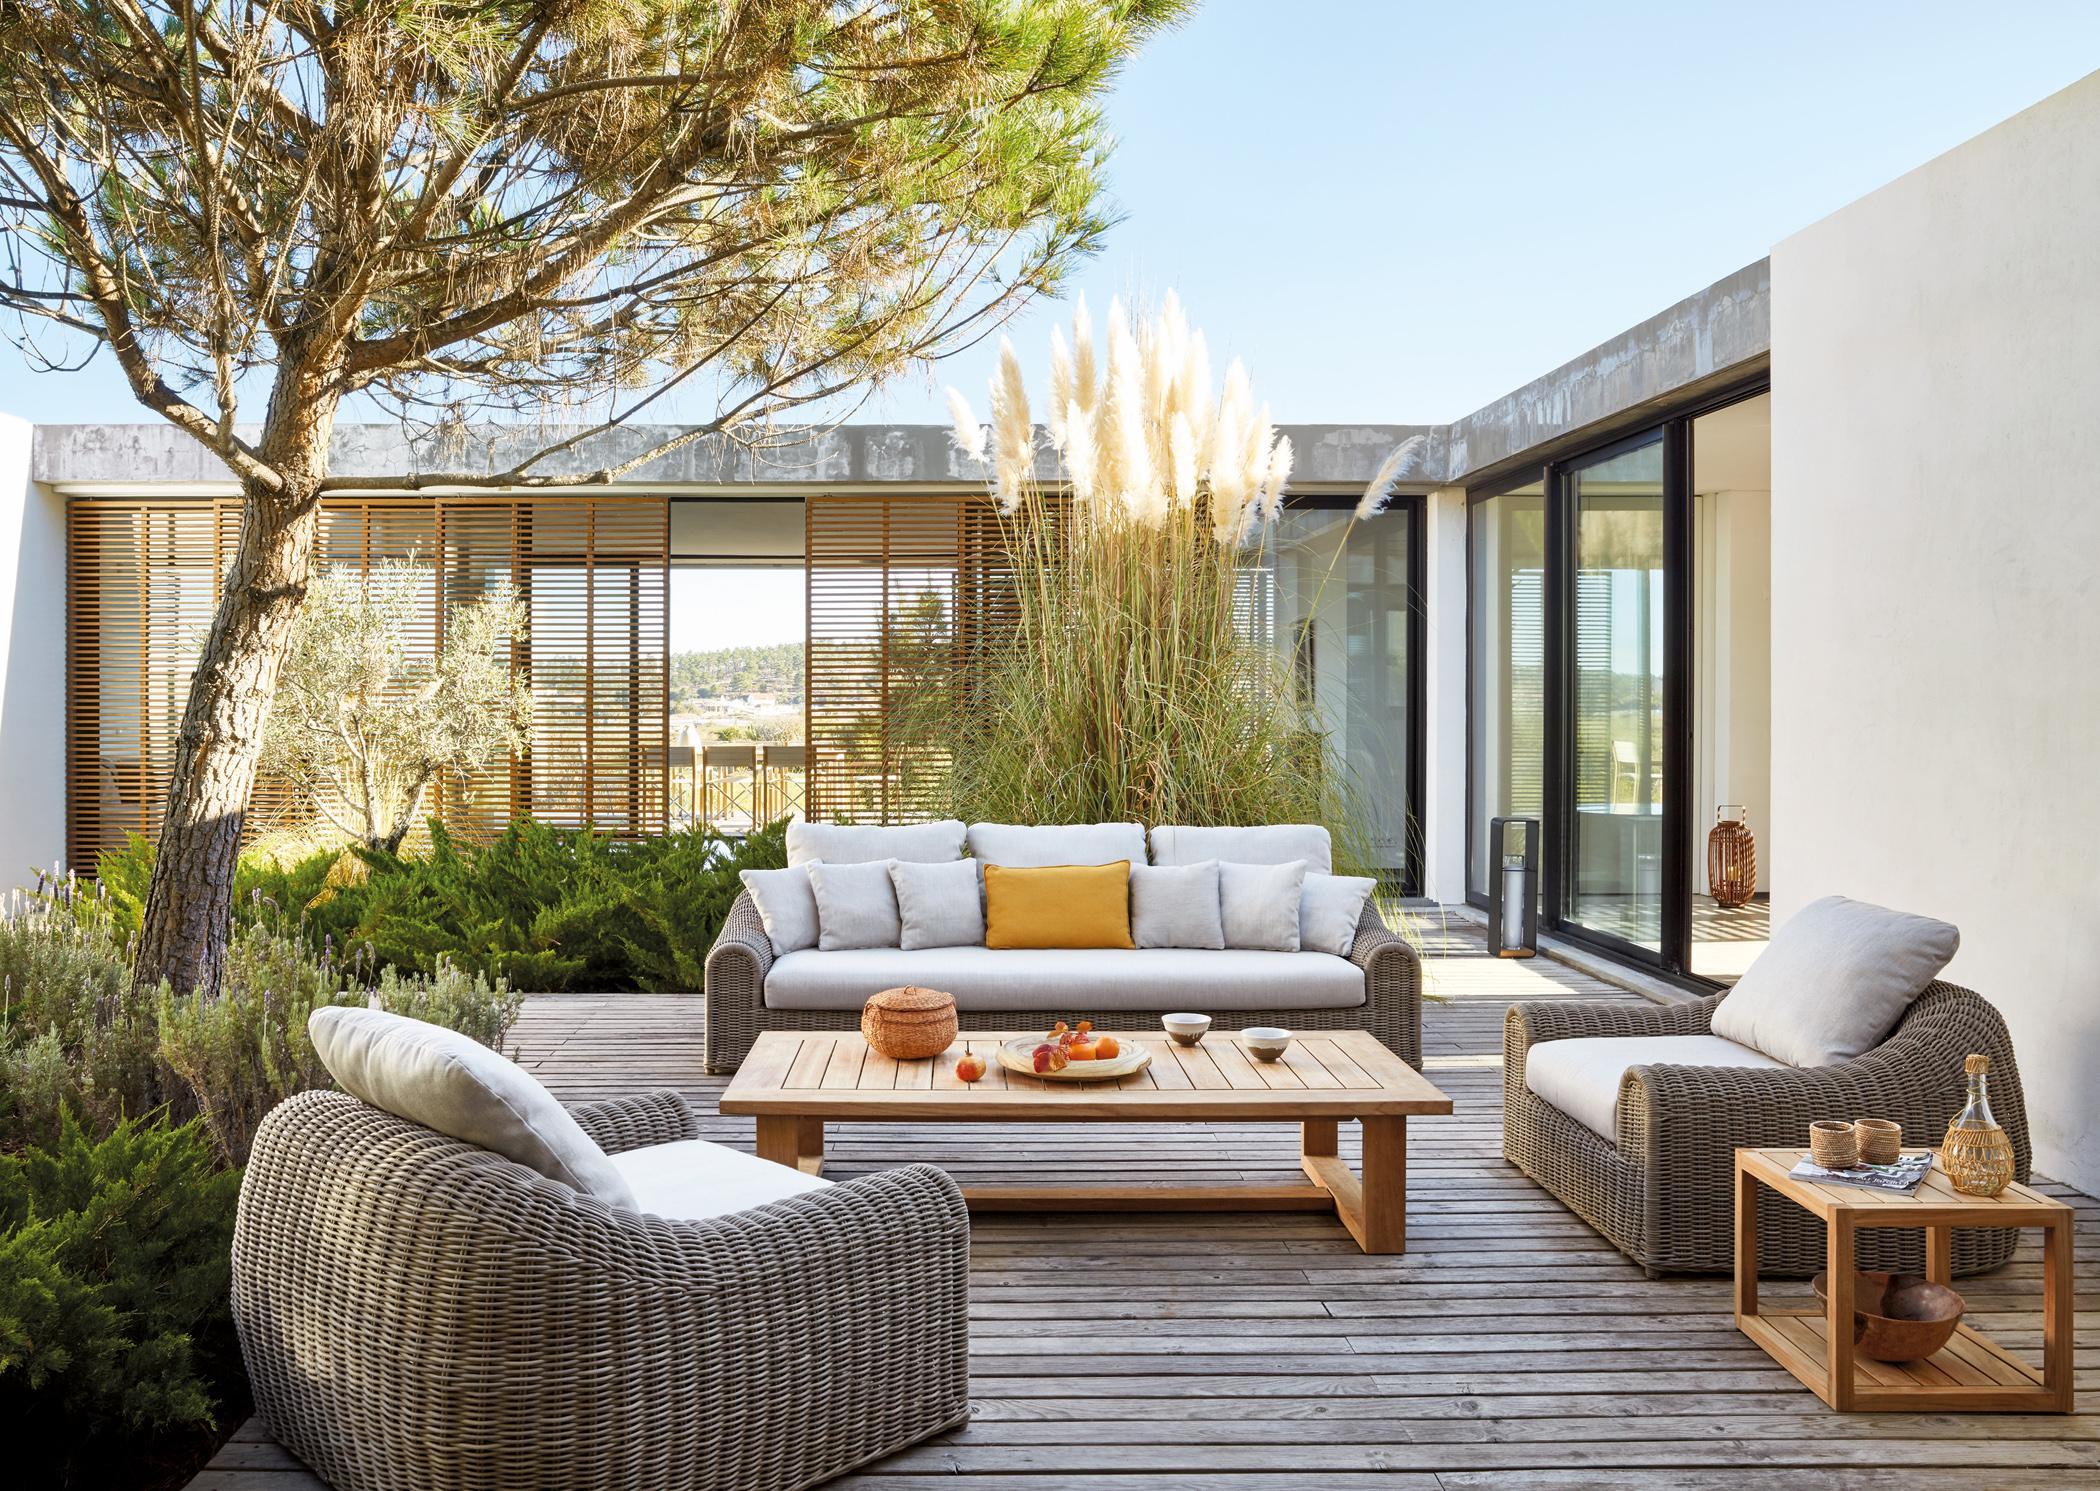 Terrassengestaltung ideen f r deinen outdoor bereich for Terrassengestaltung ideen